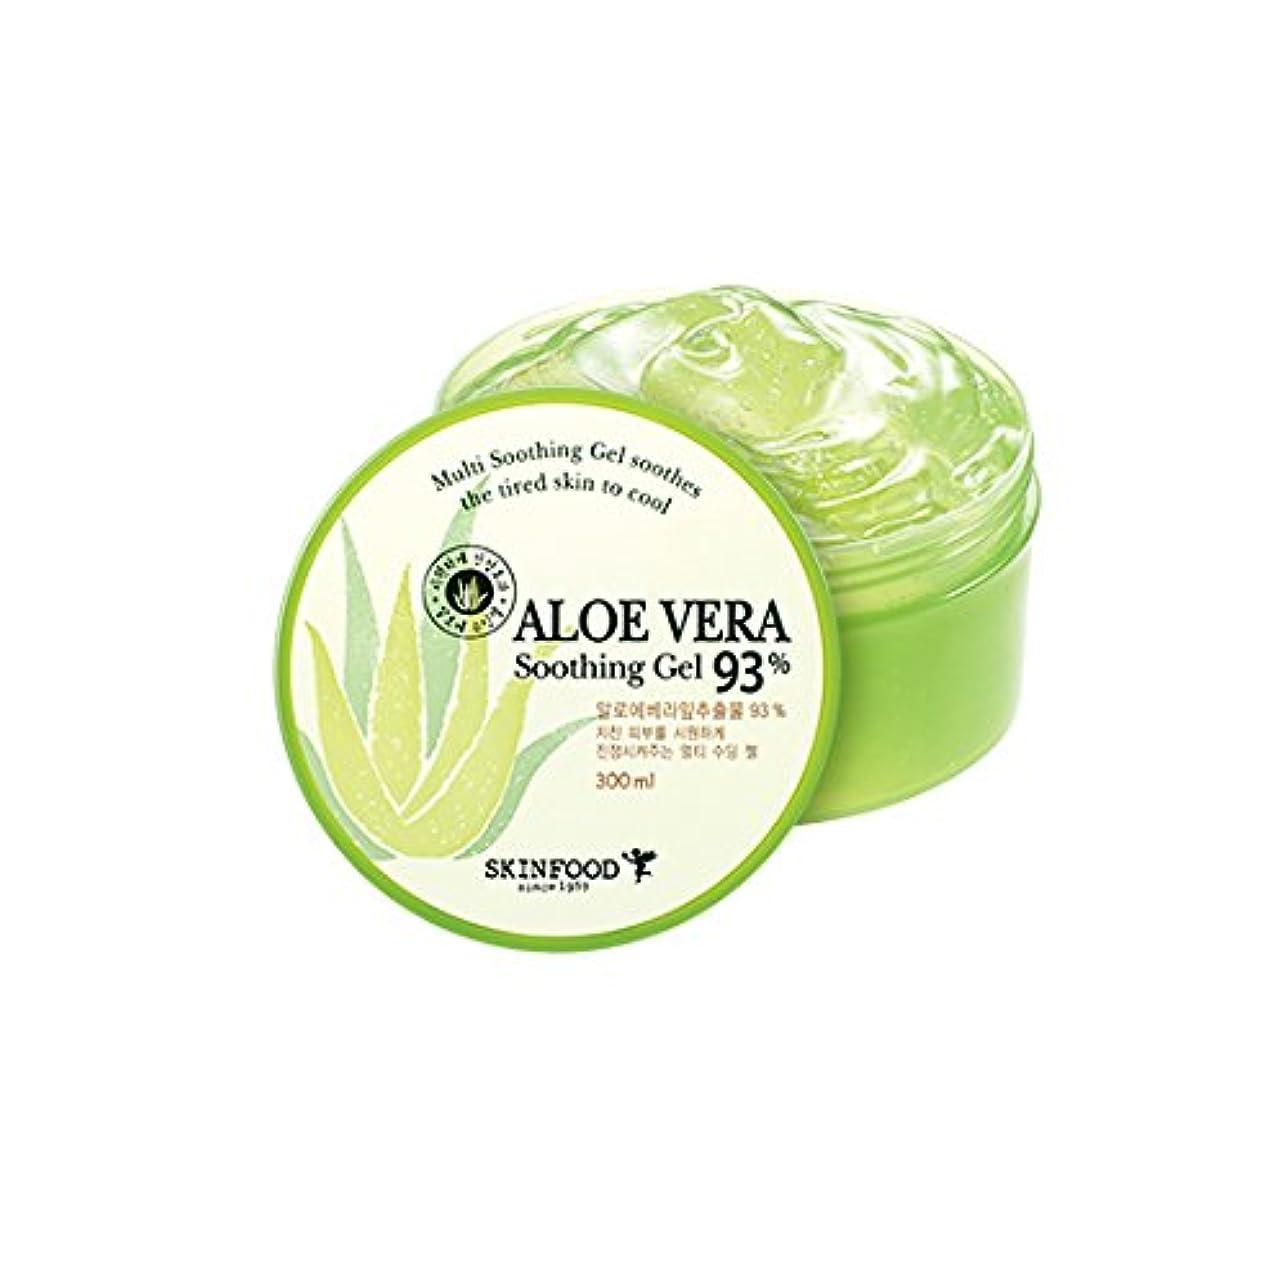 偽造残り物採用するSkinfood アロエベラ93%スージングジェル/Aloe Vera 93% Soothing Gel 300ml [並行輸入品]